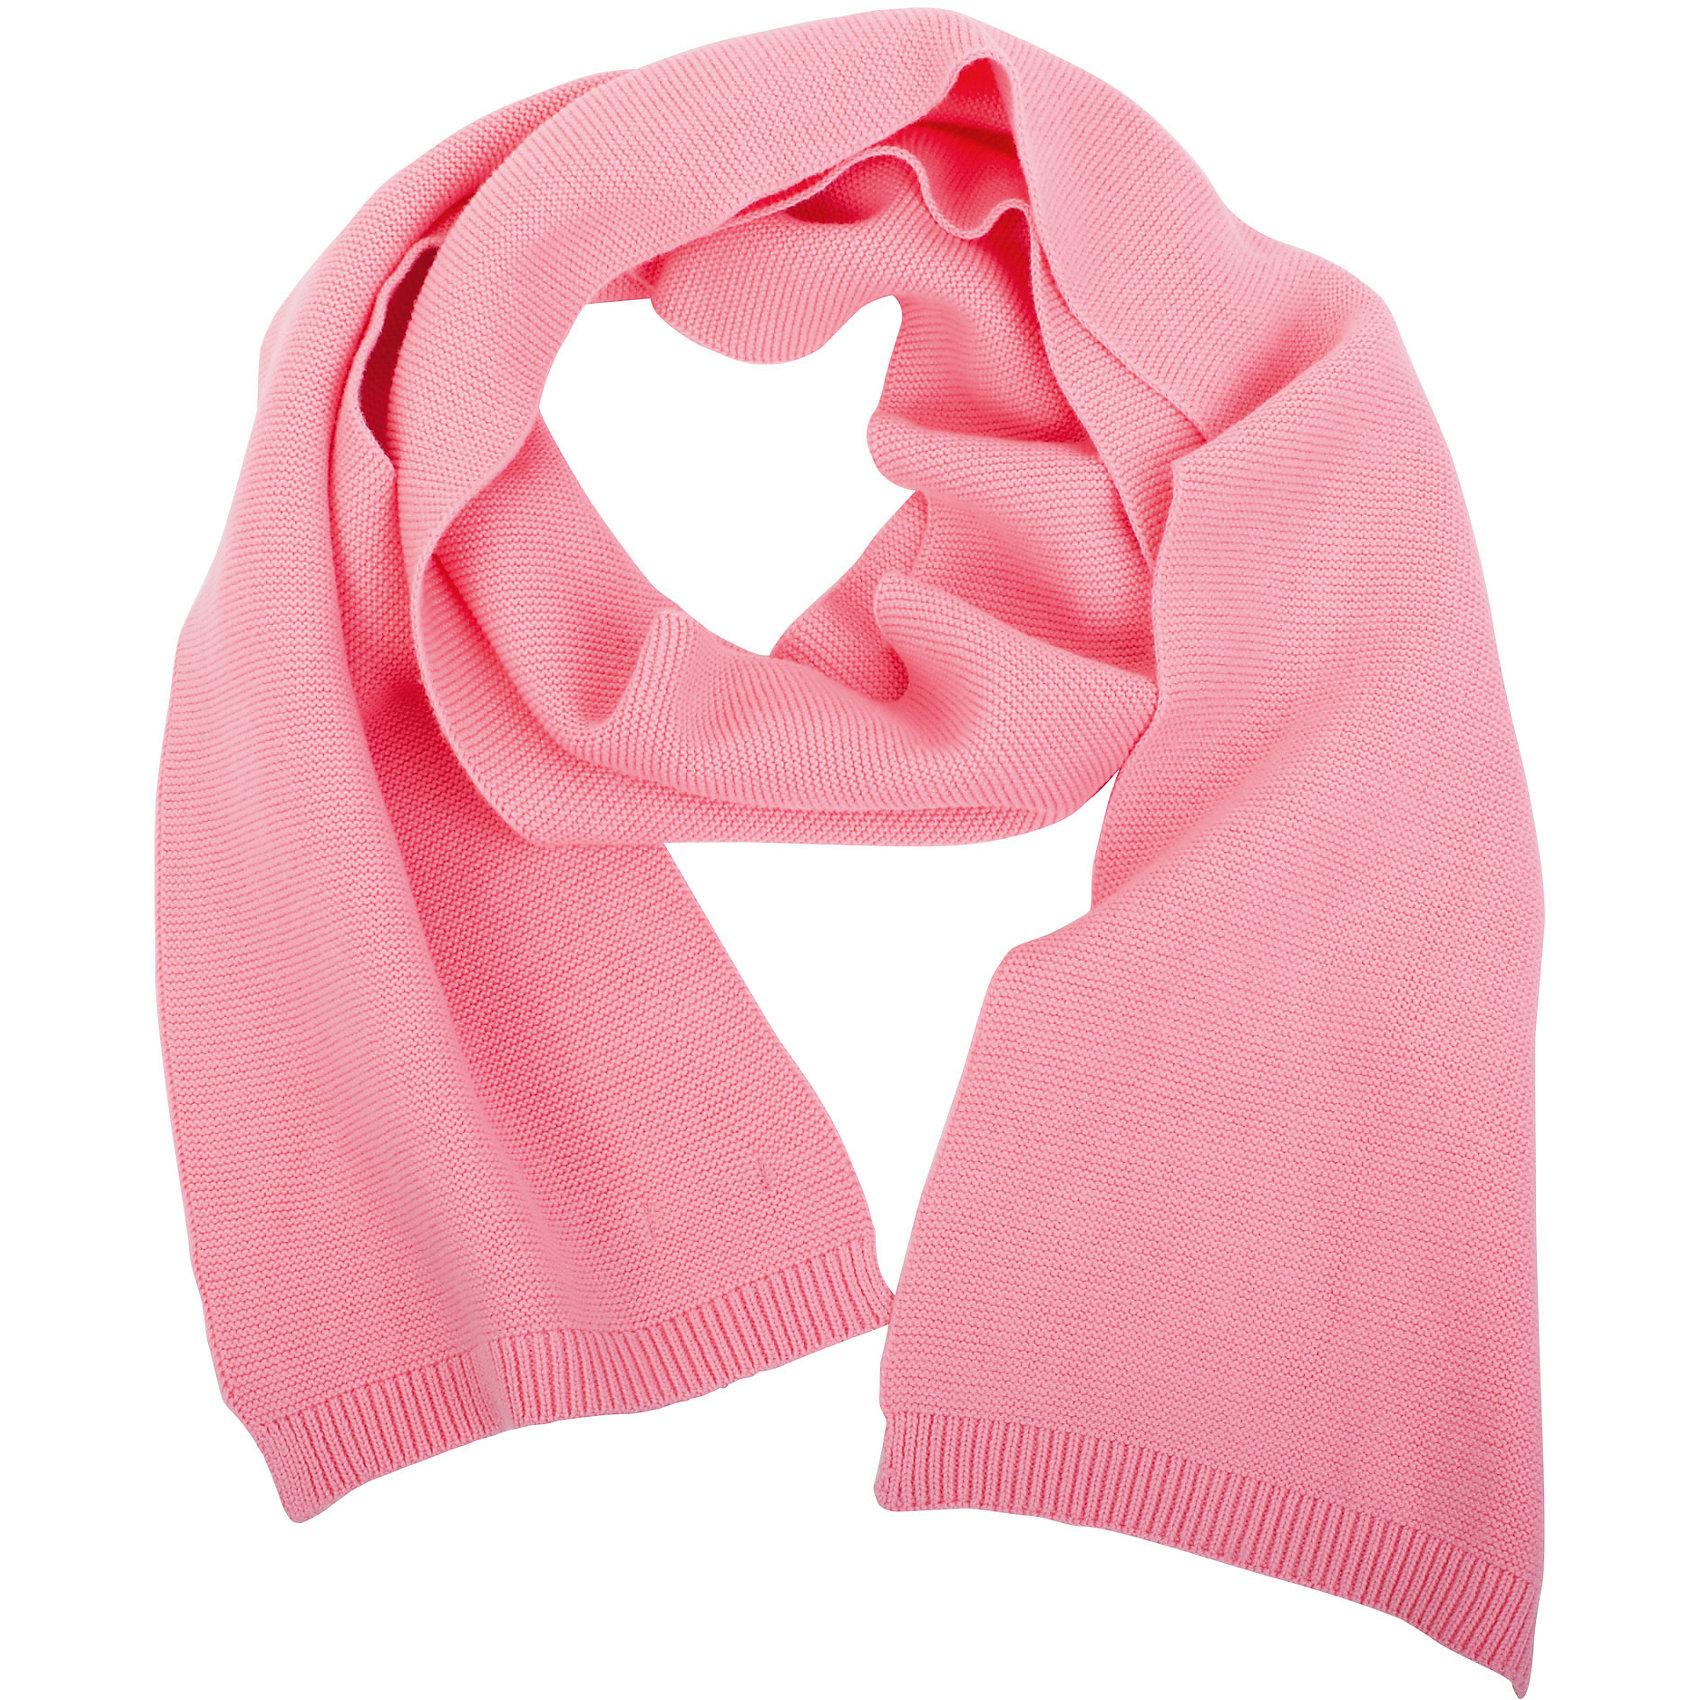 Шарф для девочки GulliverСтильный вязаный шарф - важный элемент повседневного образа. Он защитит юную модницу от весенней прохлады, а также придаст образу элегантную небрежность. Вы решили купить модный шарф для девочки? Розовый вязаный шарф из коллекции Цветные истории - прекрасный выбор!<br>Состав:<br>100% хлопок<br><br>Ширина мм: 88<br>Глубина мм: 155<br>Высота мм: 26<br>Вес г: 106<br>Цвет: розовый<br>Возраст от месяцев: 84<br>Возраст до месяцев: 120<br>Пол: Женский<br>Возраст: Детский<br>Размер: one size<br>SKU: 5484159